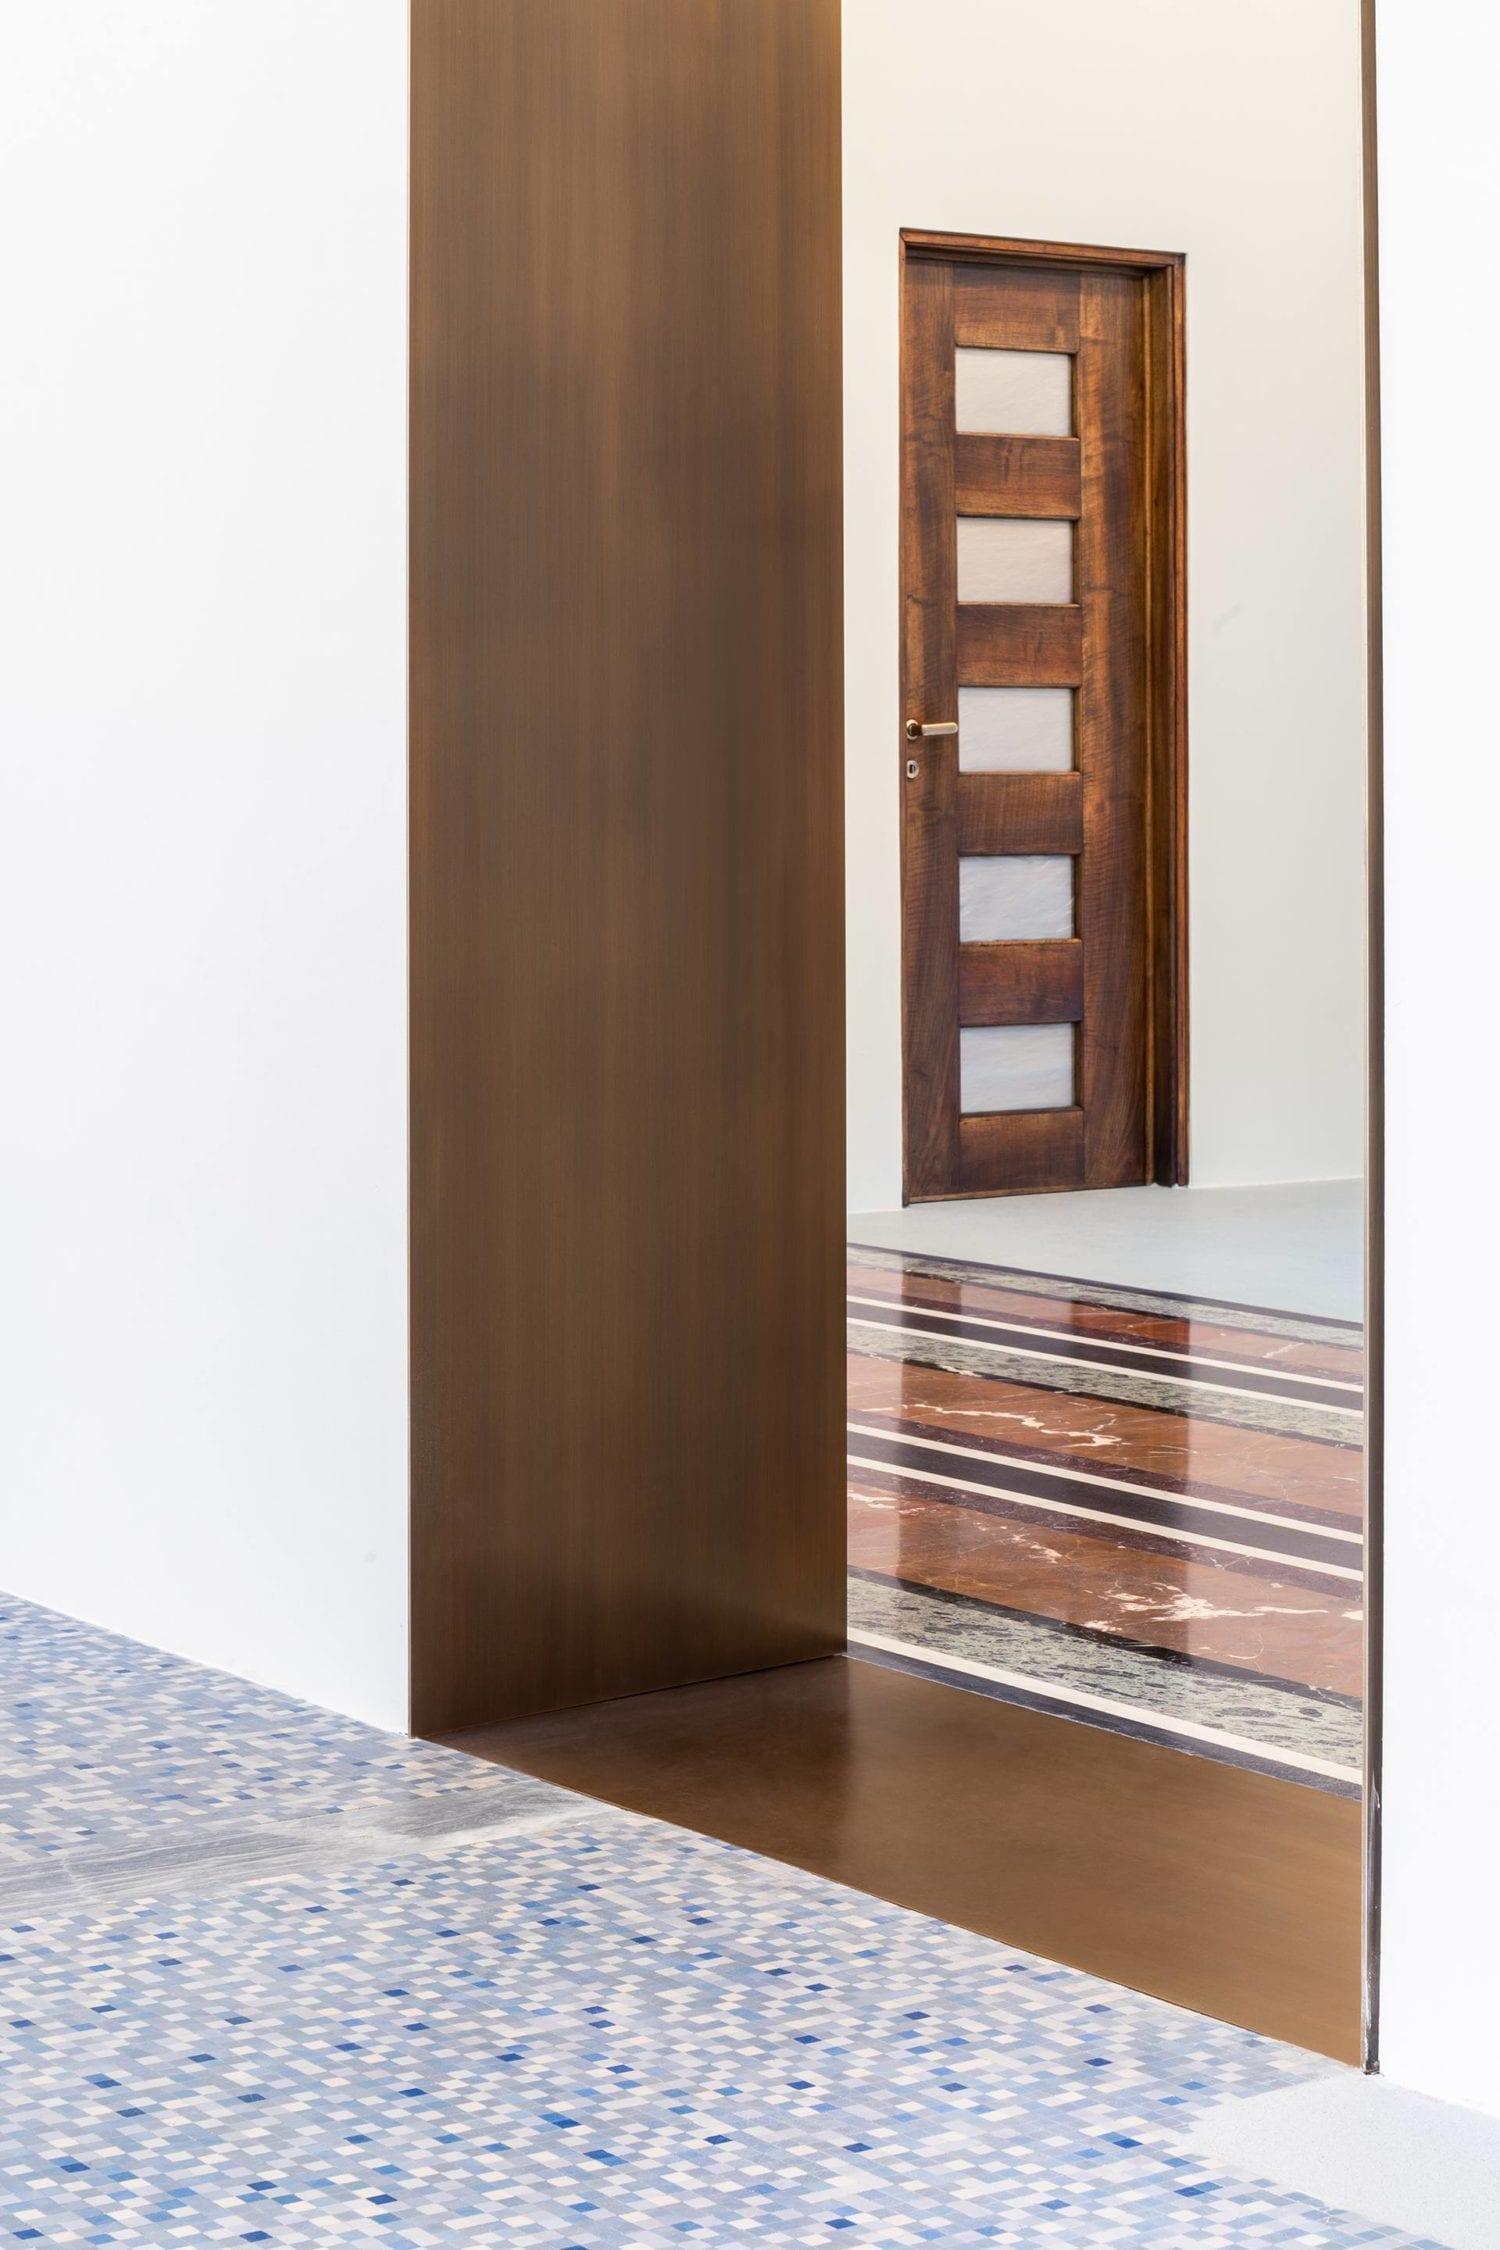 1930s Piero Portaluppi Milan Apartment Transformed Into Massimo De Carlo Gallery By Studio Binocle And Antonio Citterio Yellowtrace 14